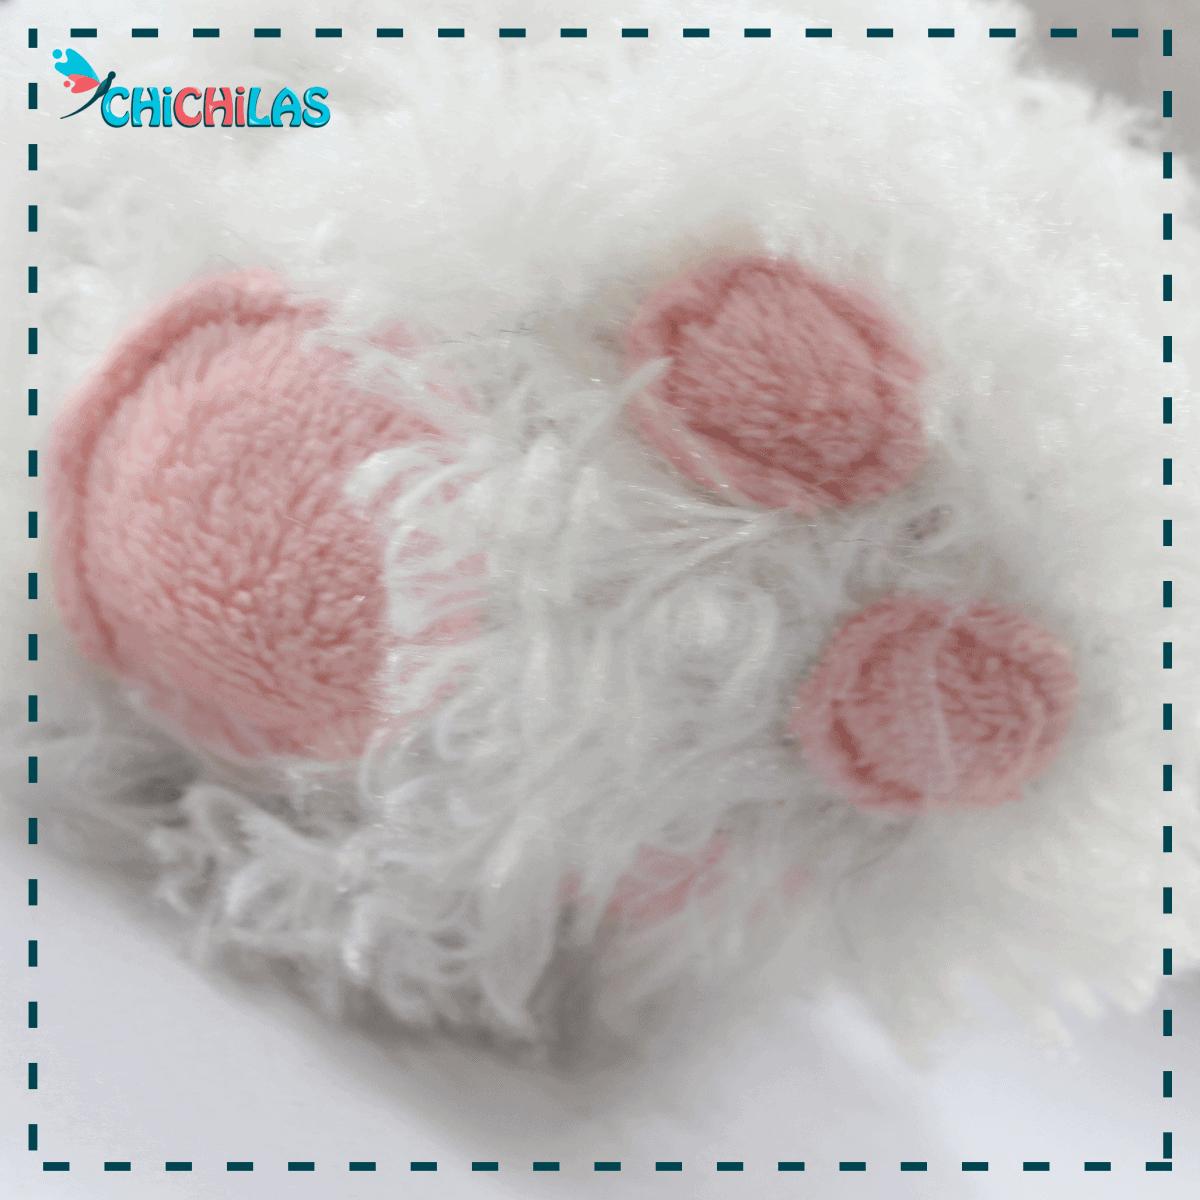 چیچیلاس - عروسک گربه - عروسک پولیشی - عروسک گربه لوسیفر - عروسک خارجی - عروسک گربه کارتونی - فروشگاه عروسک